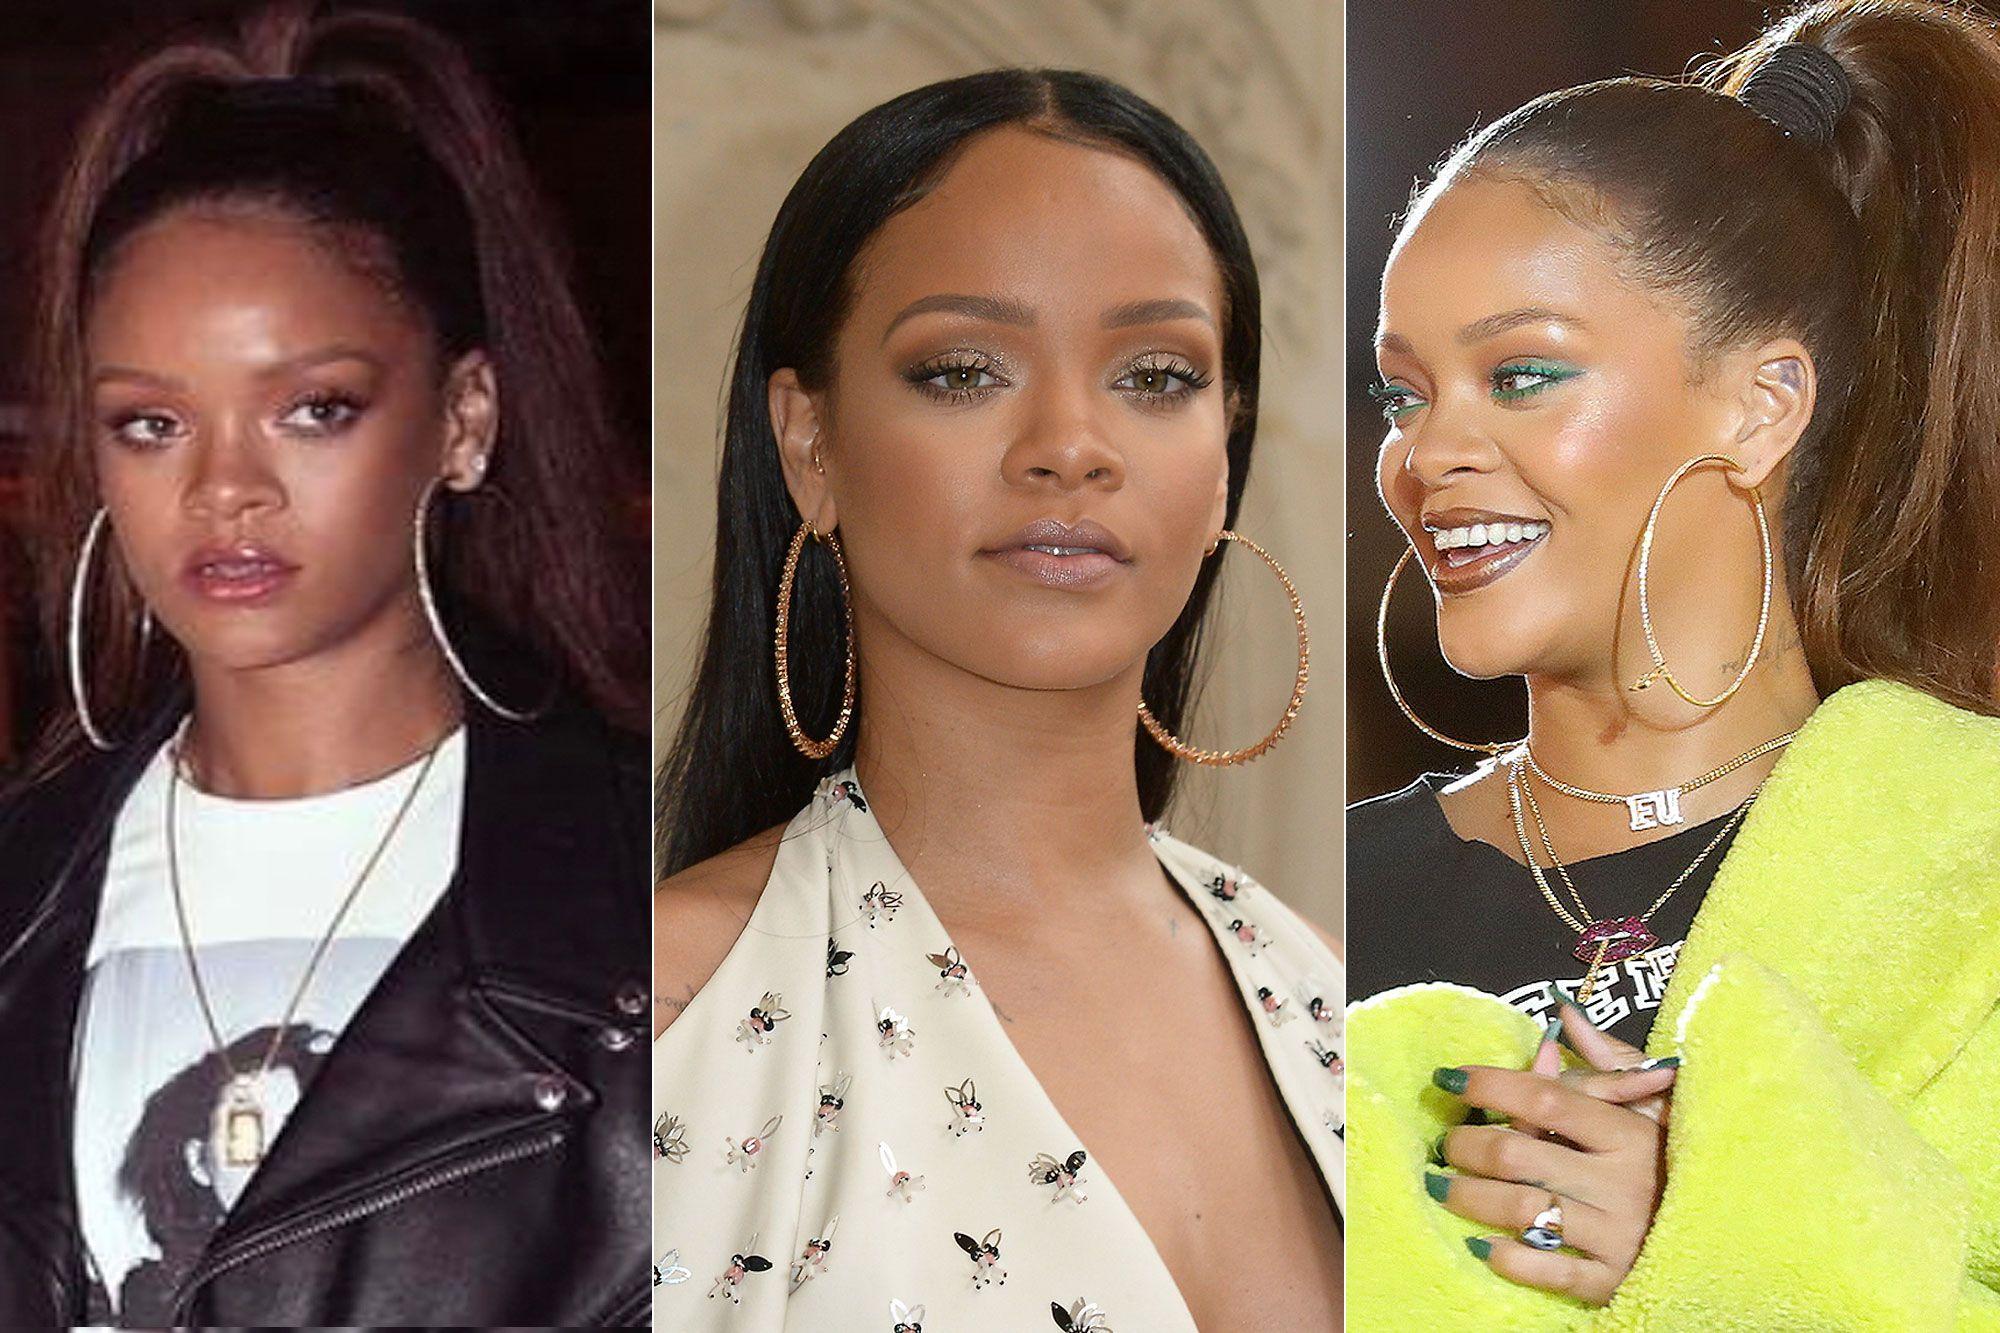 Go Gold Earrings Making A Comeback In 2018 Https